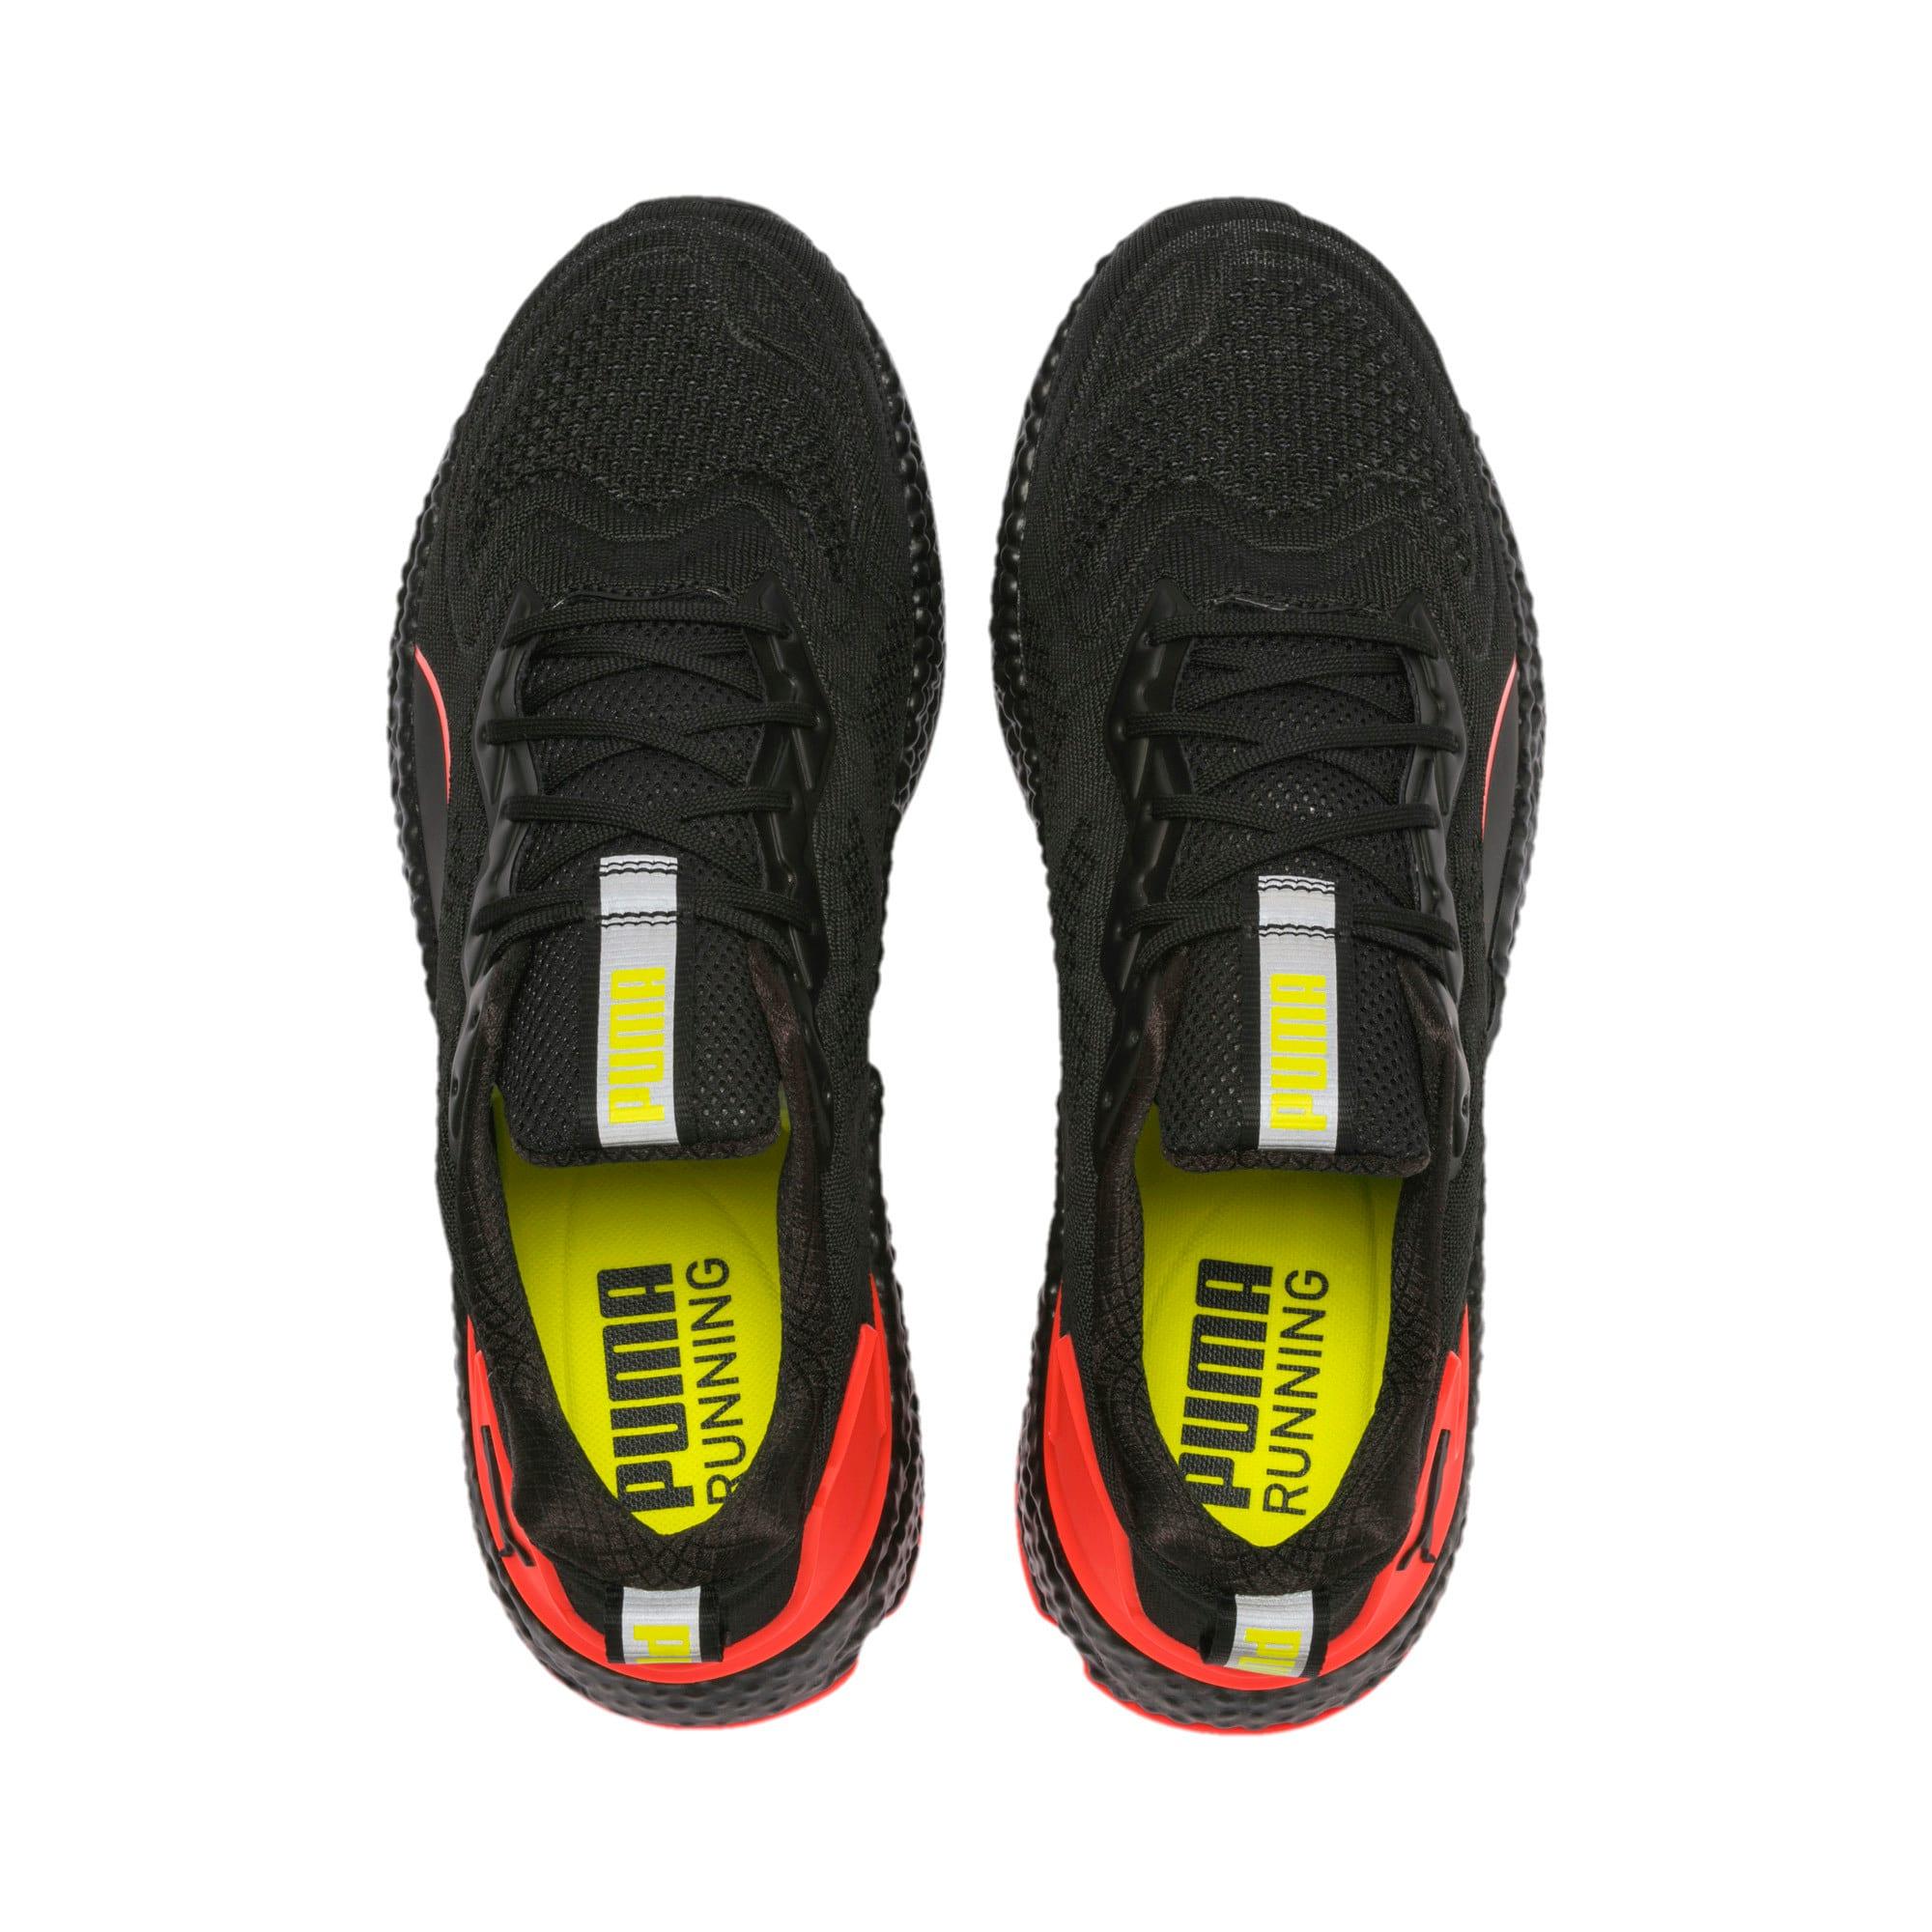 Thumbnail 7 of HYBRID SPEED Orbiter Men's Running Shoes, Black-Nrgy Red-Yellow, medium